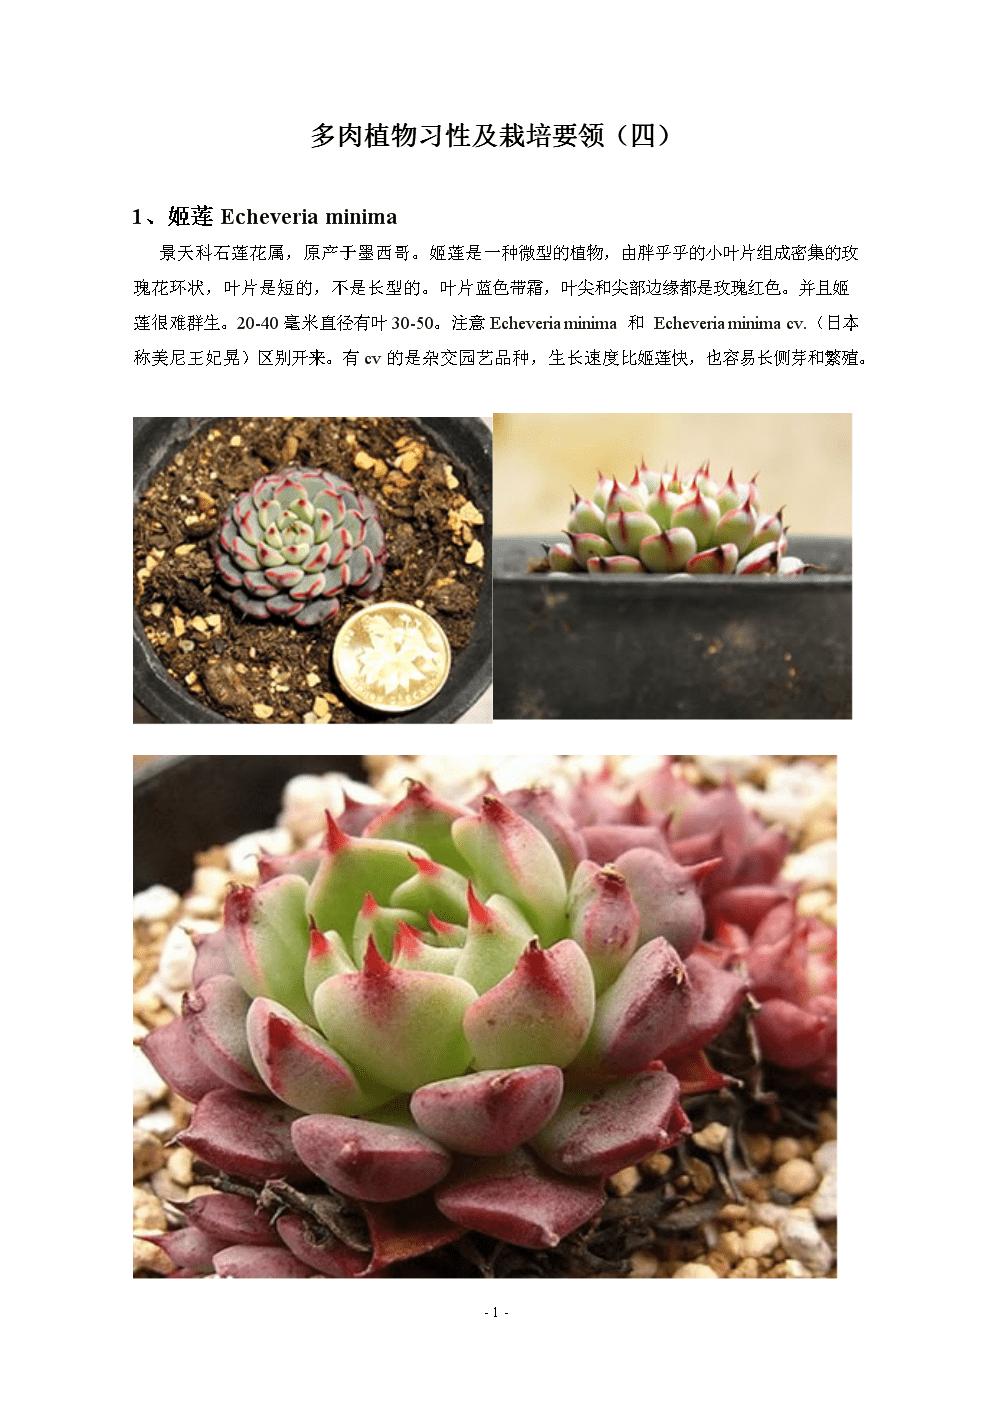 多肉植物习性及栽培要领(四).doc